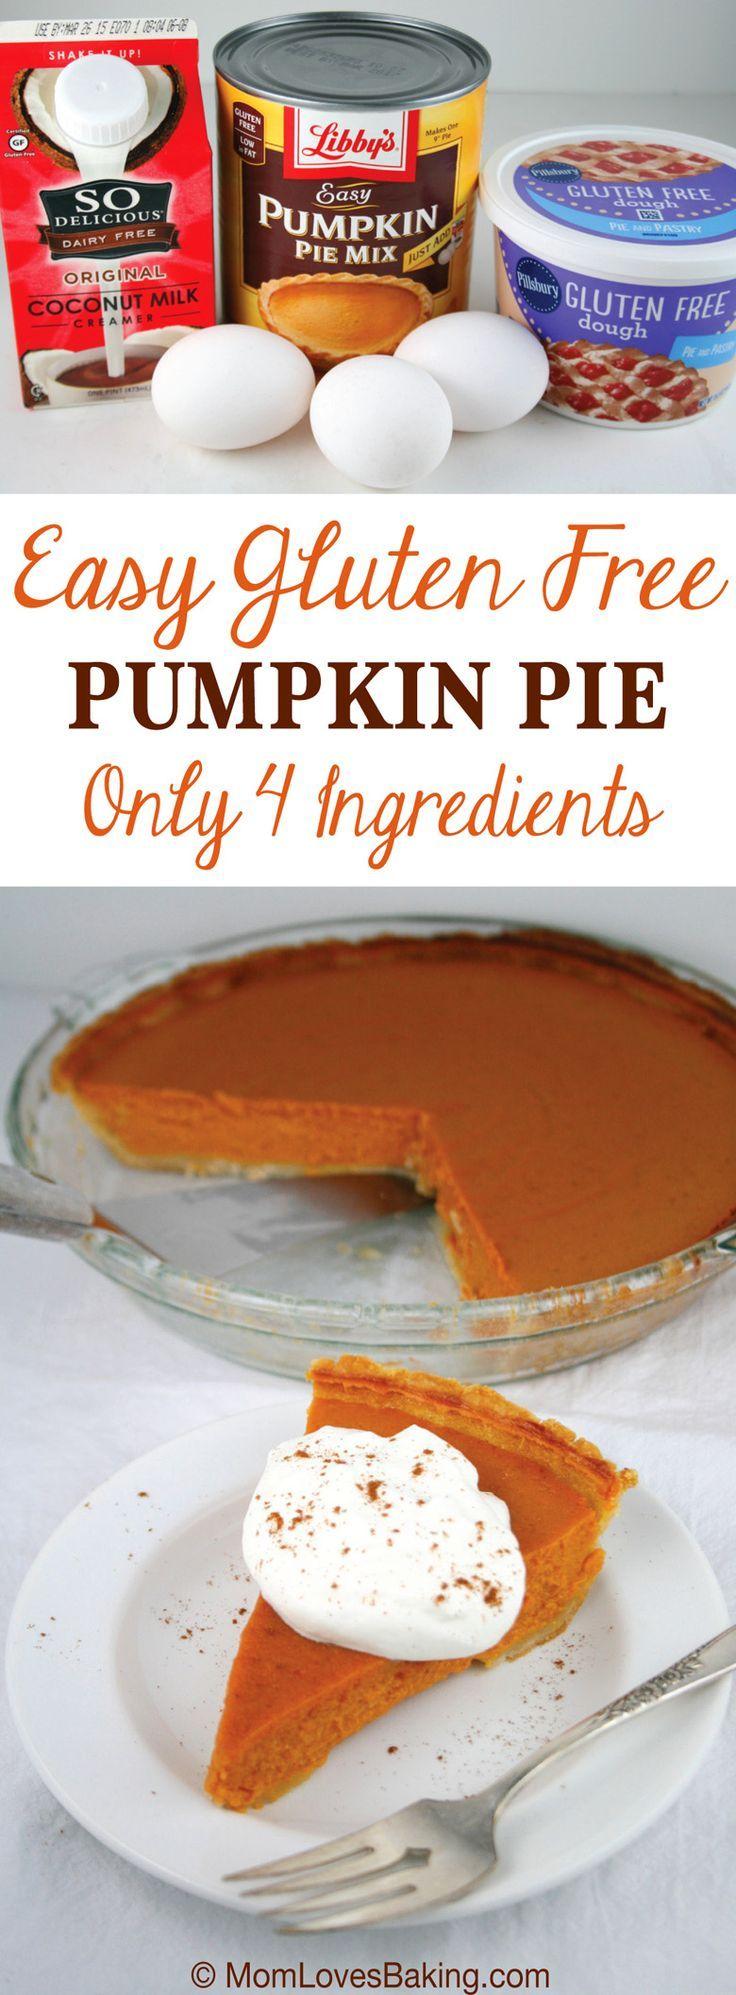 Easy Gluten Free Pumpkin Pie Recipe Gluten free